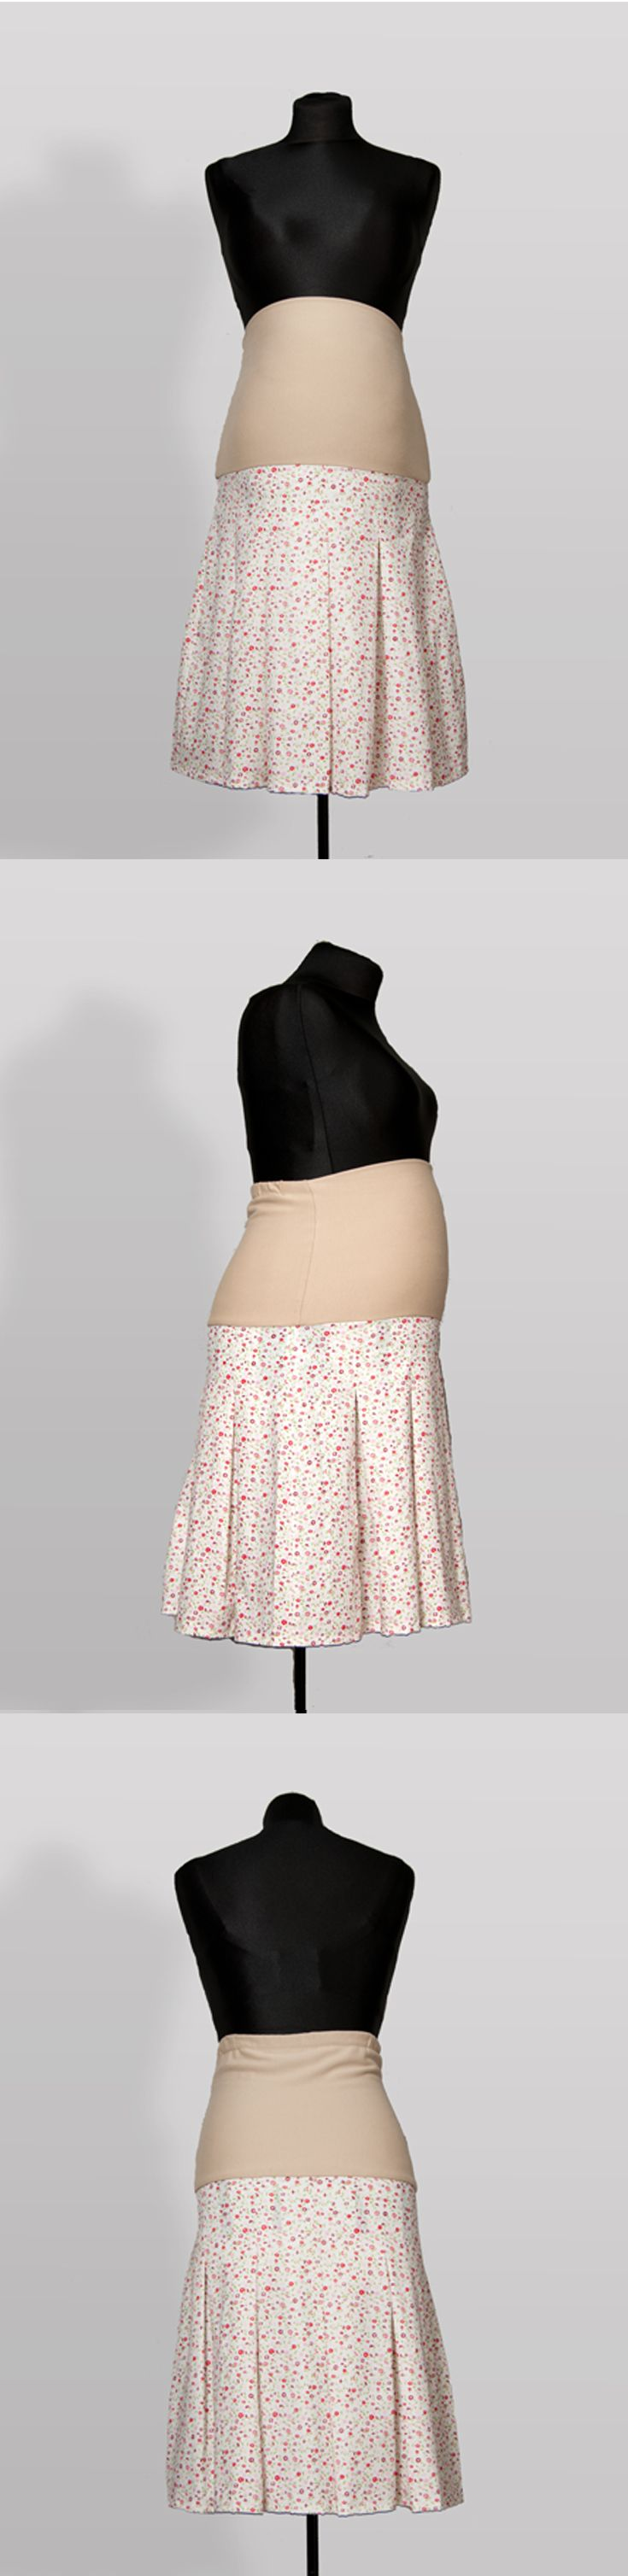 SK006 – Sukně Kvítí Těhotenská sukně z bavlněné látky s pružným pásem Ideální do práce Pružný pás pro zvětšující se bříško Pás je možné nosit přes bříško nebo ohnutý Sukni je možné nosit i po těhotenství